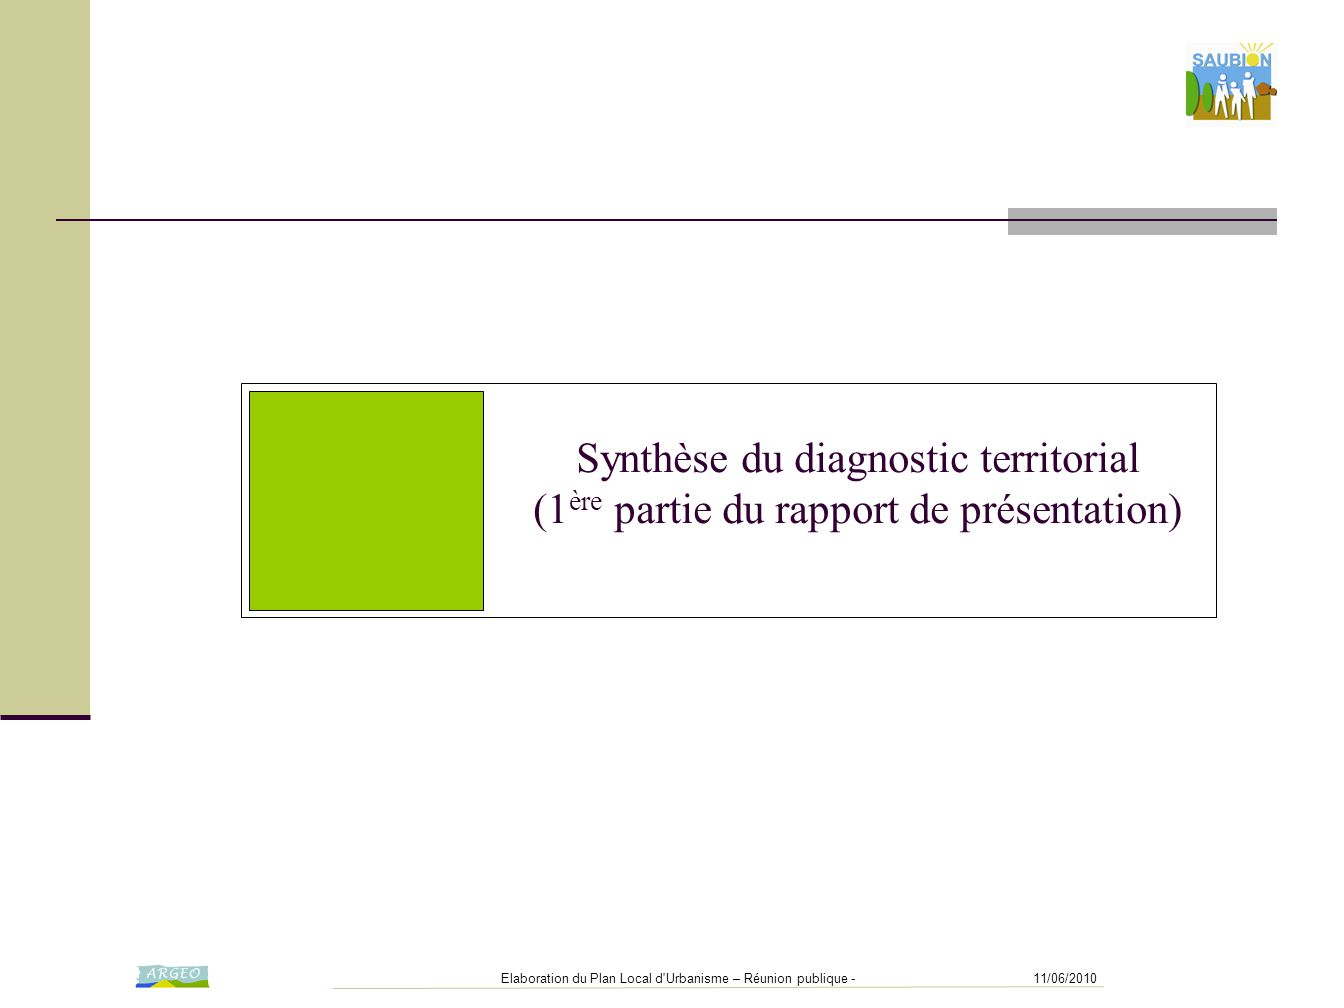 11/06/2010Elaboration du Plan Local d Urbanisme – Réunion publique - Synthèse du diagnostic territorial (1 ère partie du rapport de présentation)